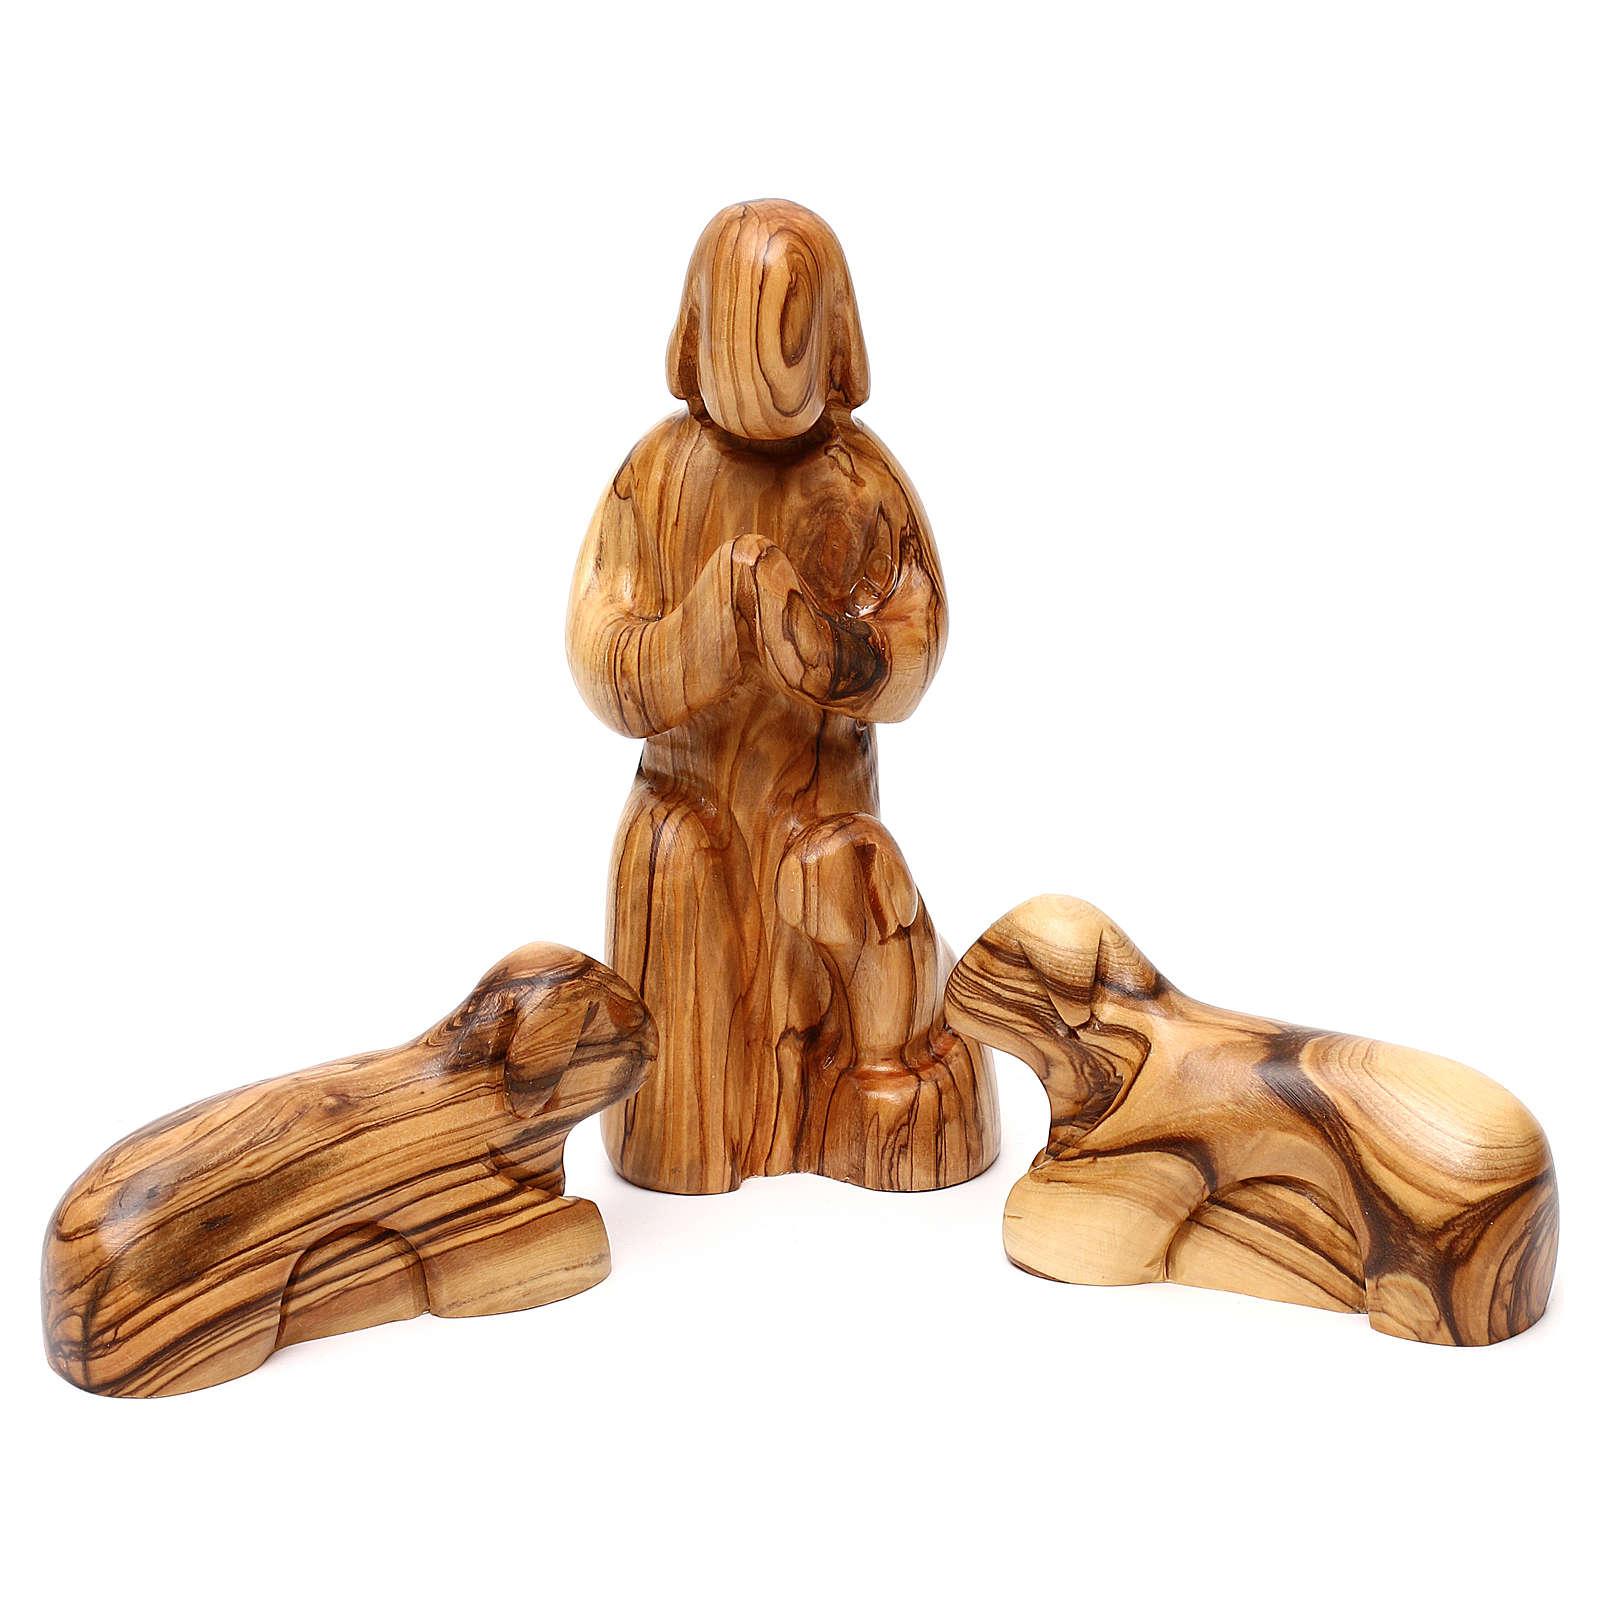 Natividade 12 peças em madeira de oliveira de Belém 22 cm de altura média 4